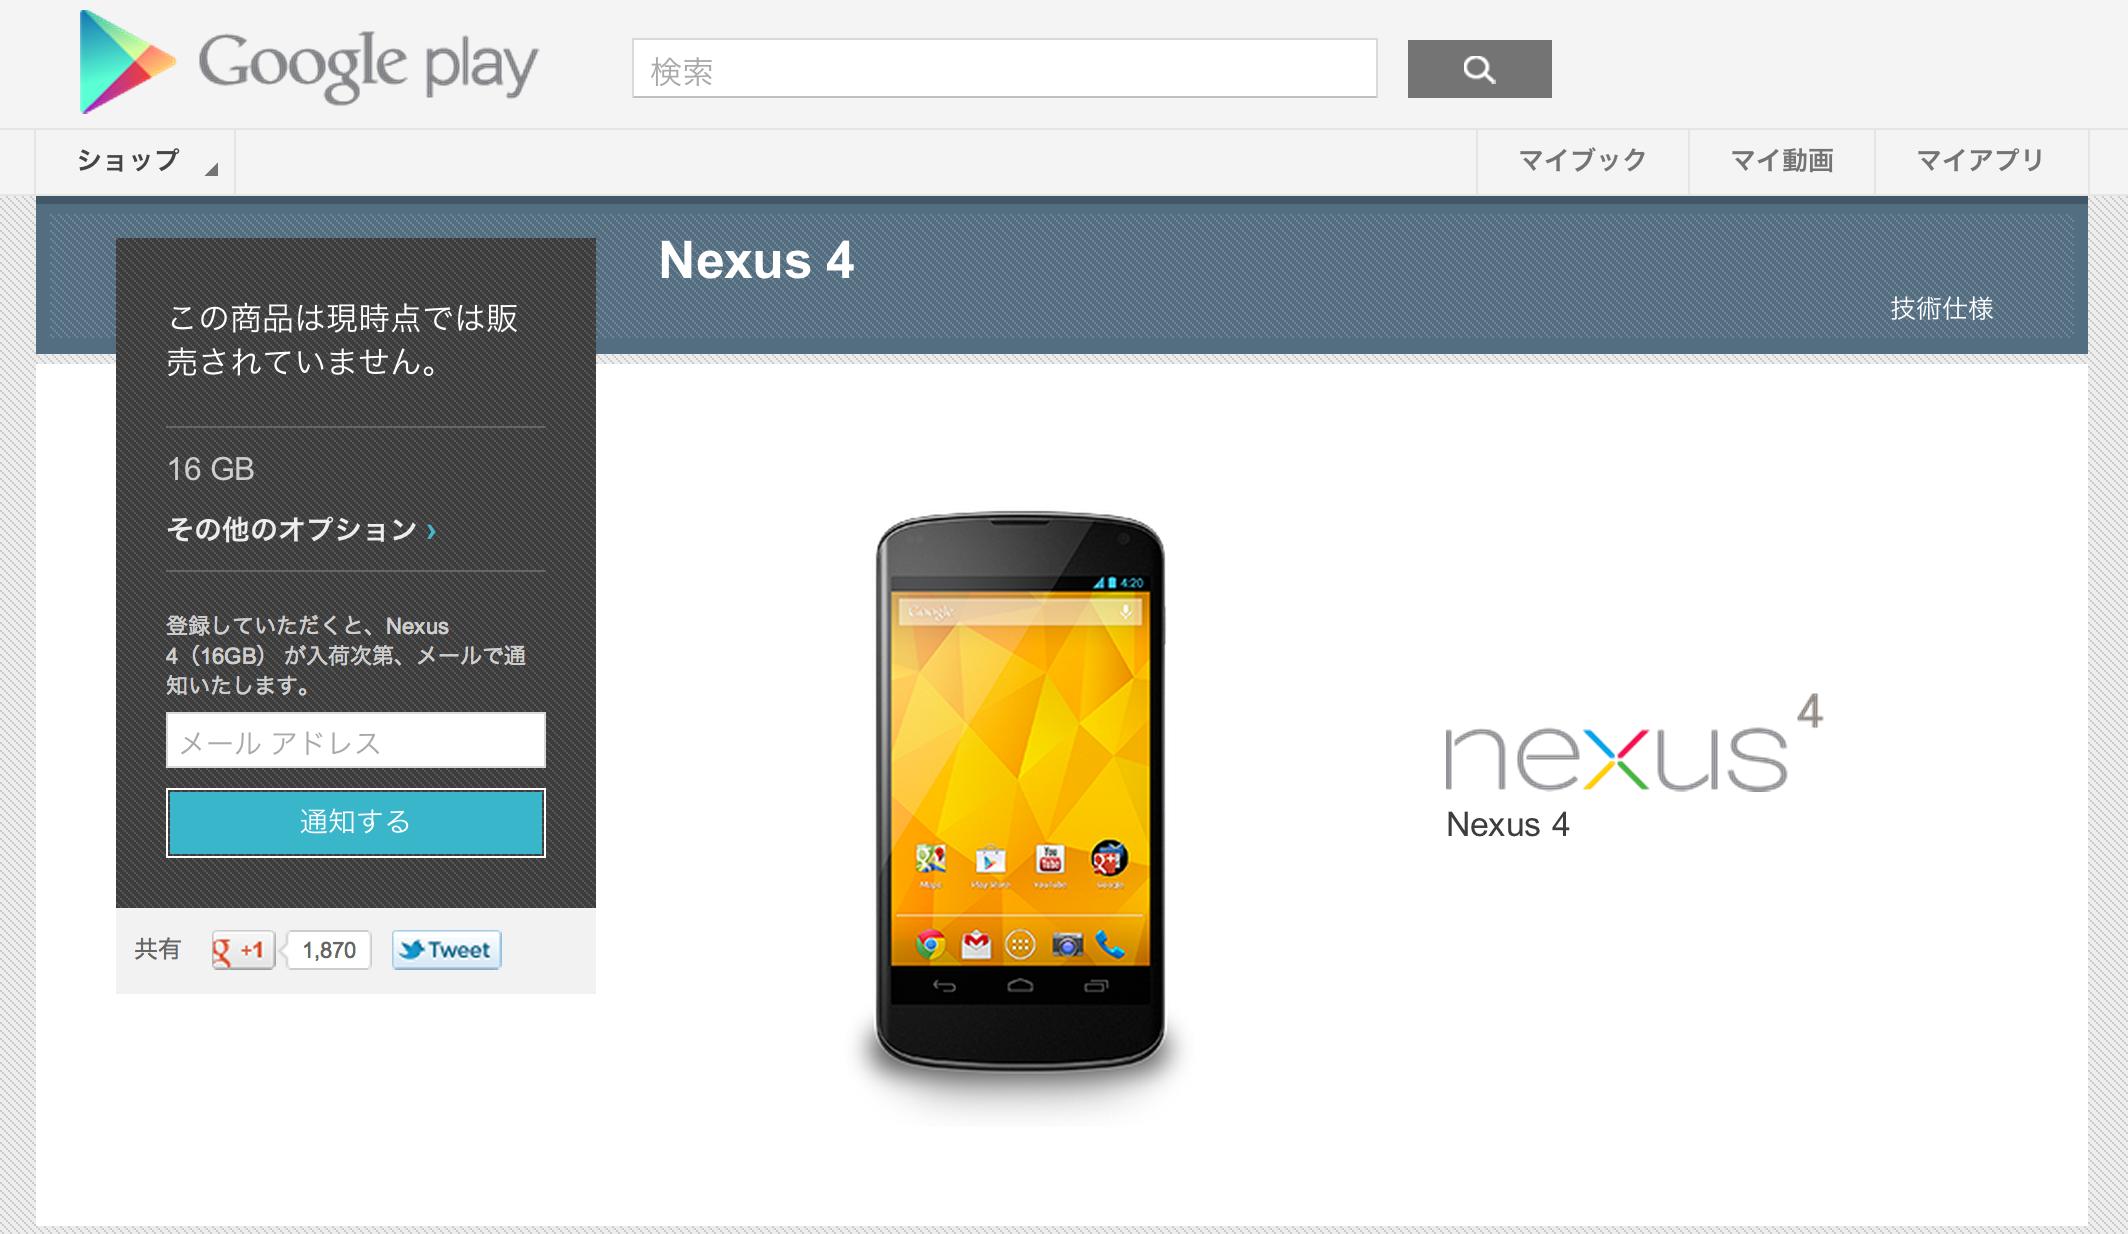 「Nexus 4」、米国のGoogle Playストアで発売直後に完売。